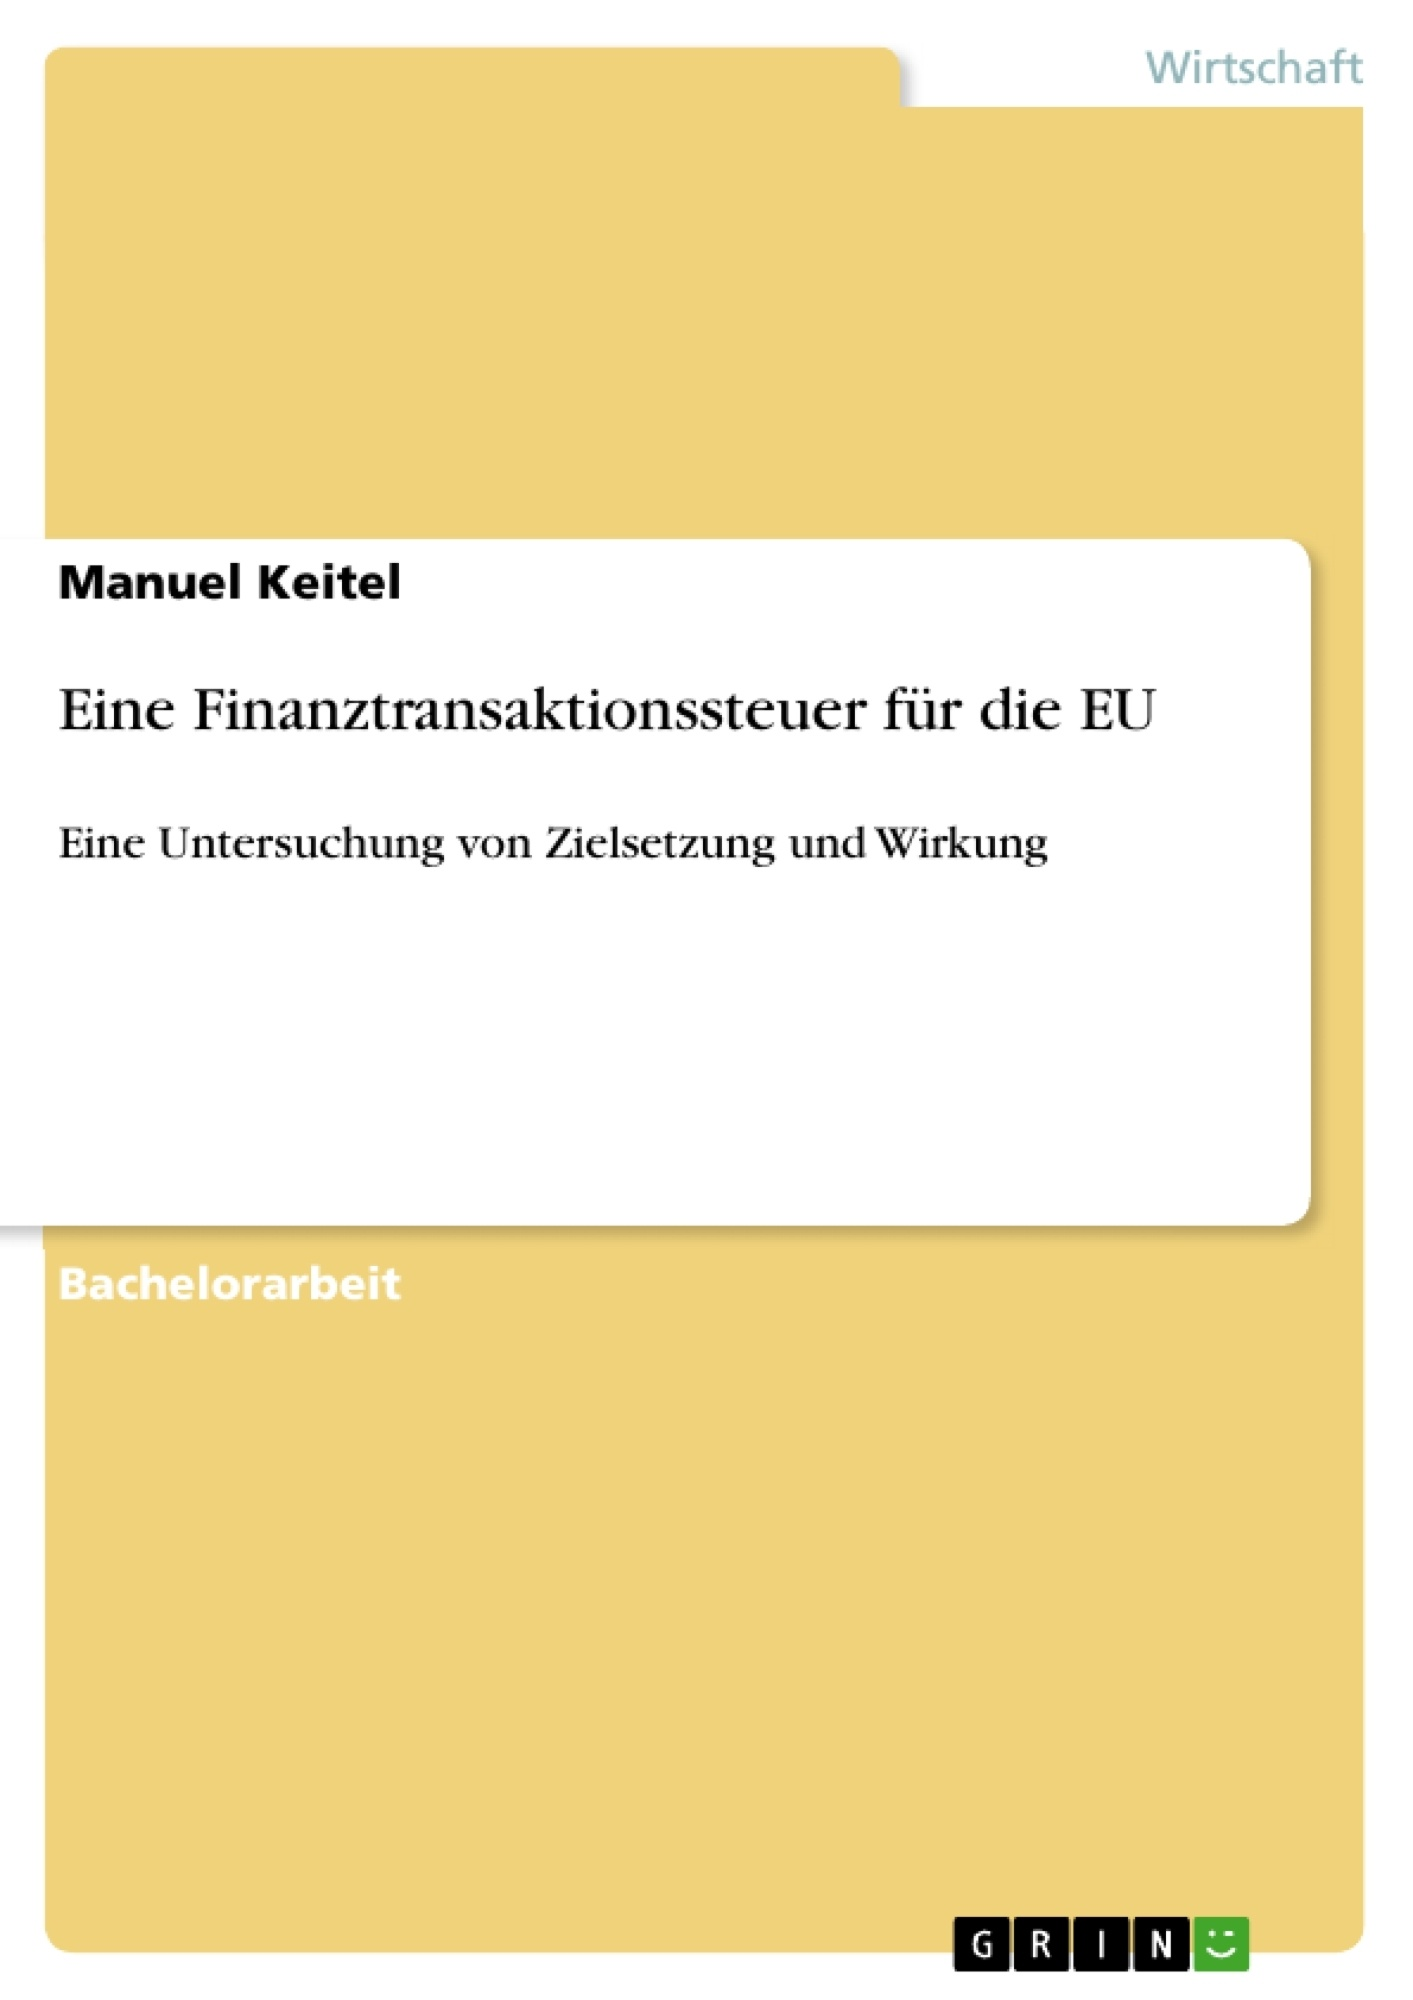 Titel: Eine Finanztransaktionssteuer für die EU